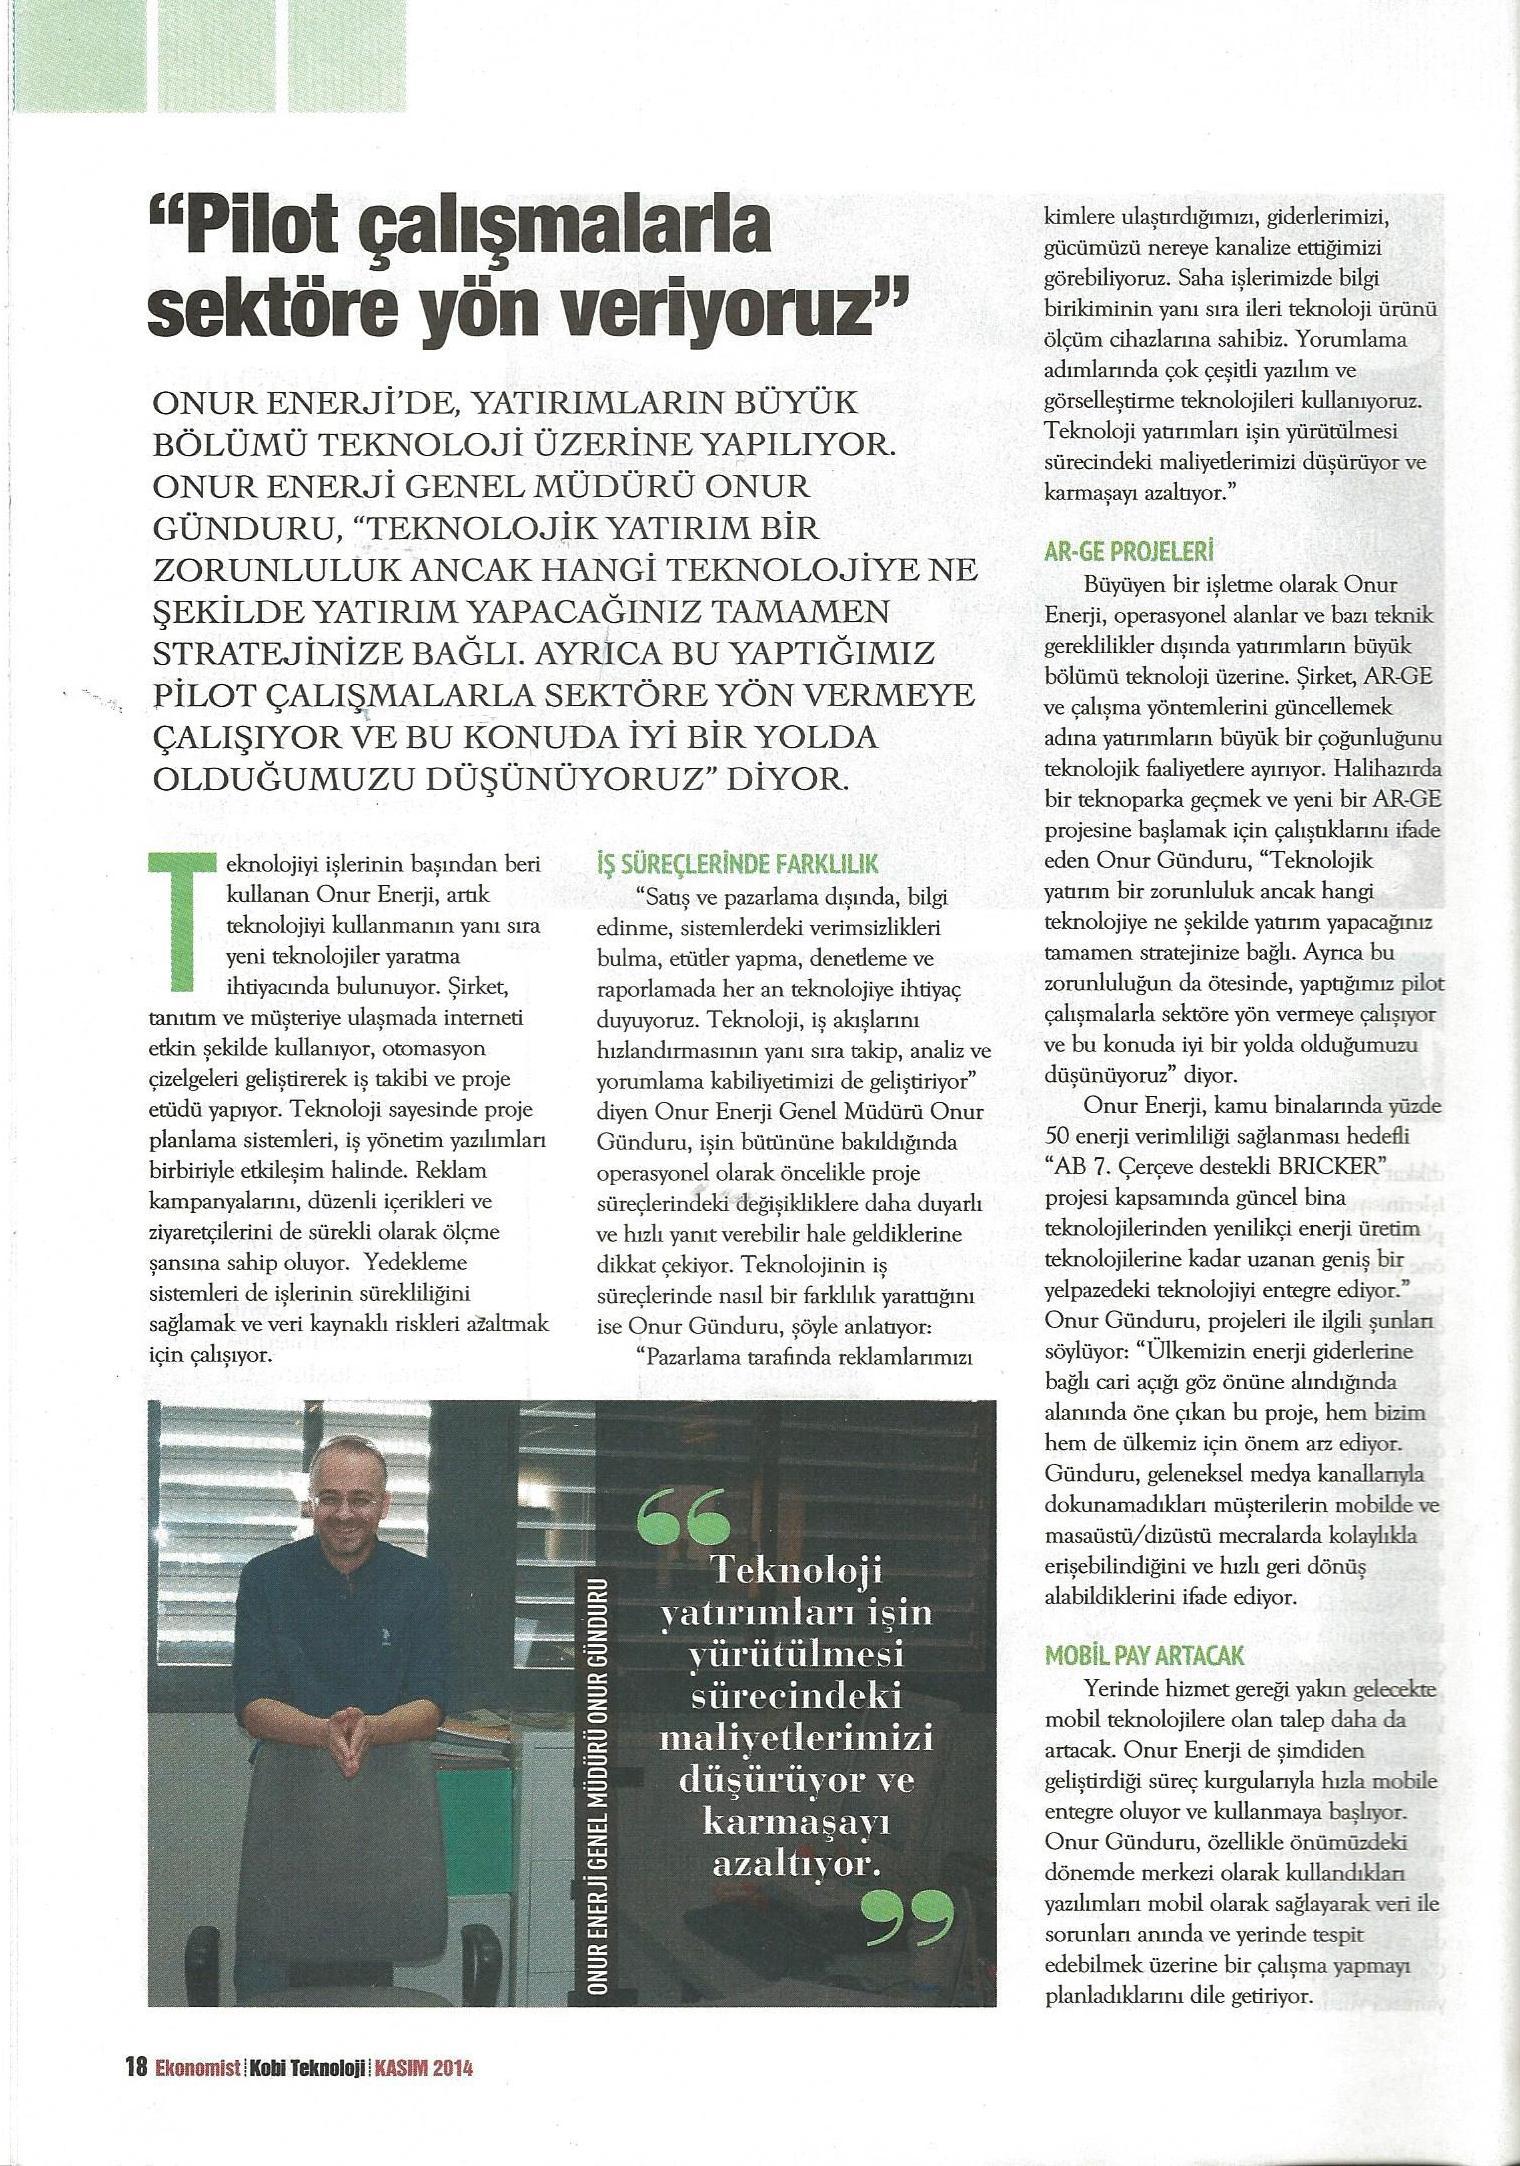 Onur Enerji Ekonomist Dergisinde